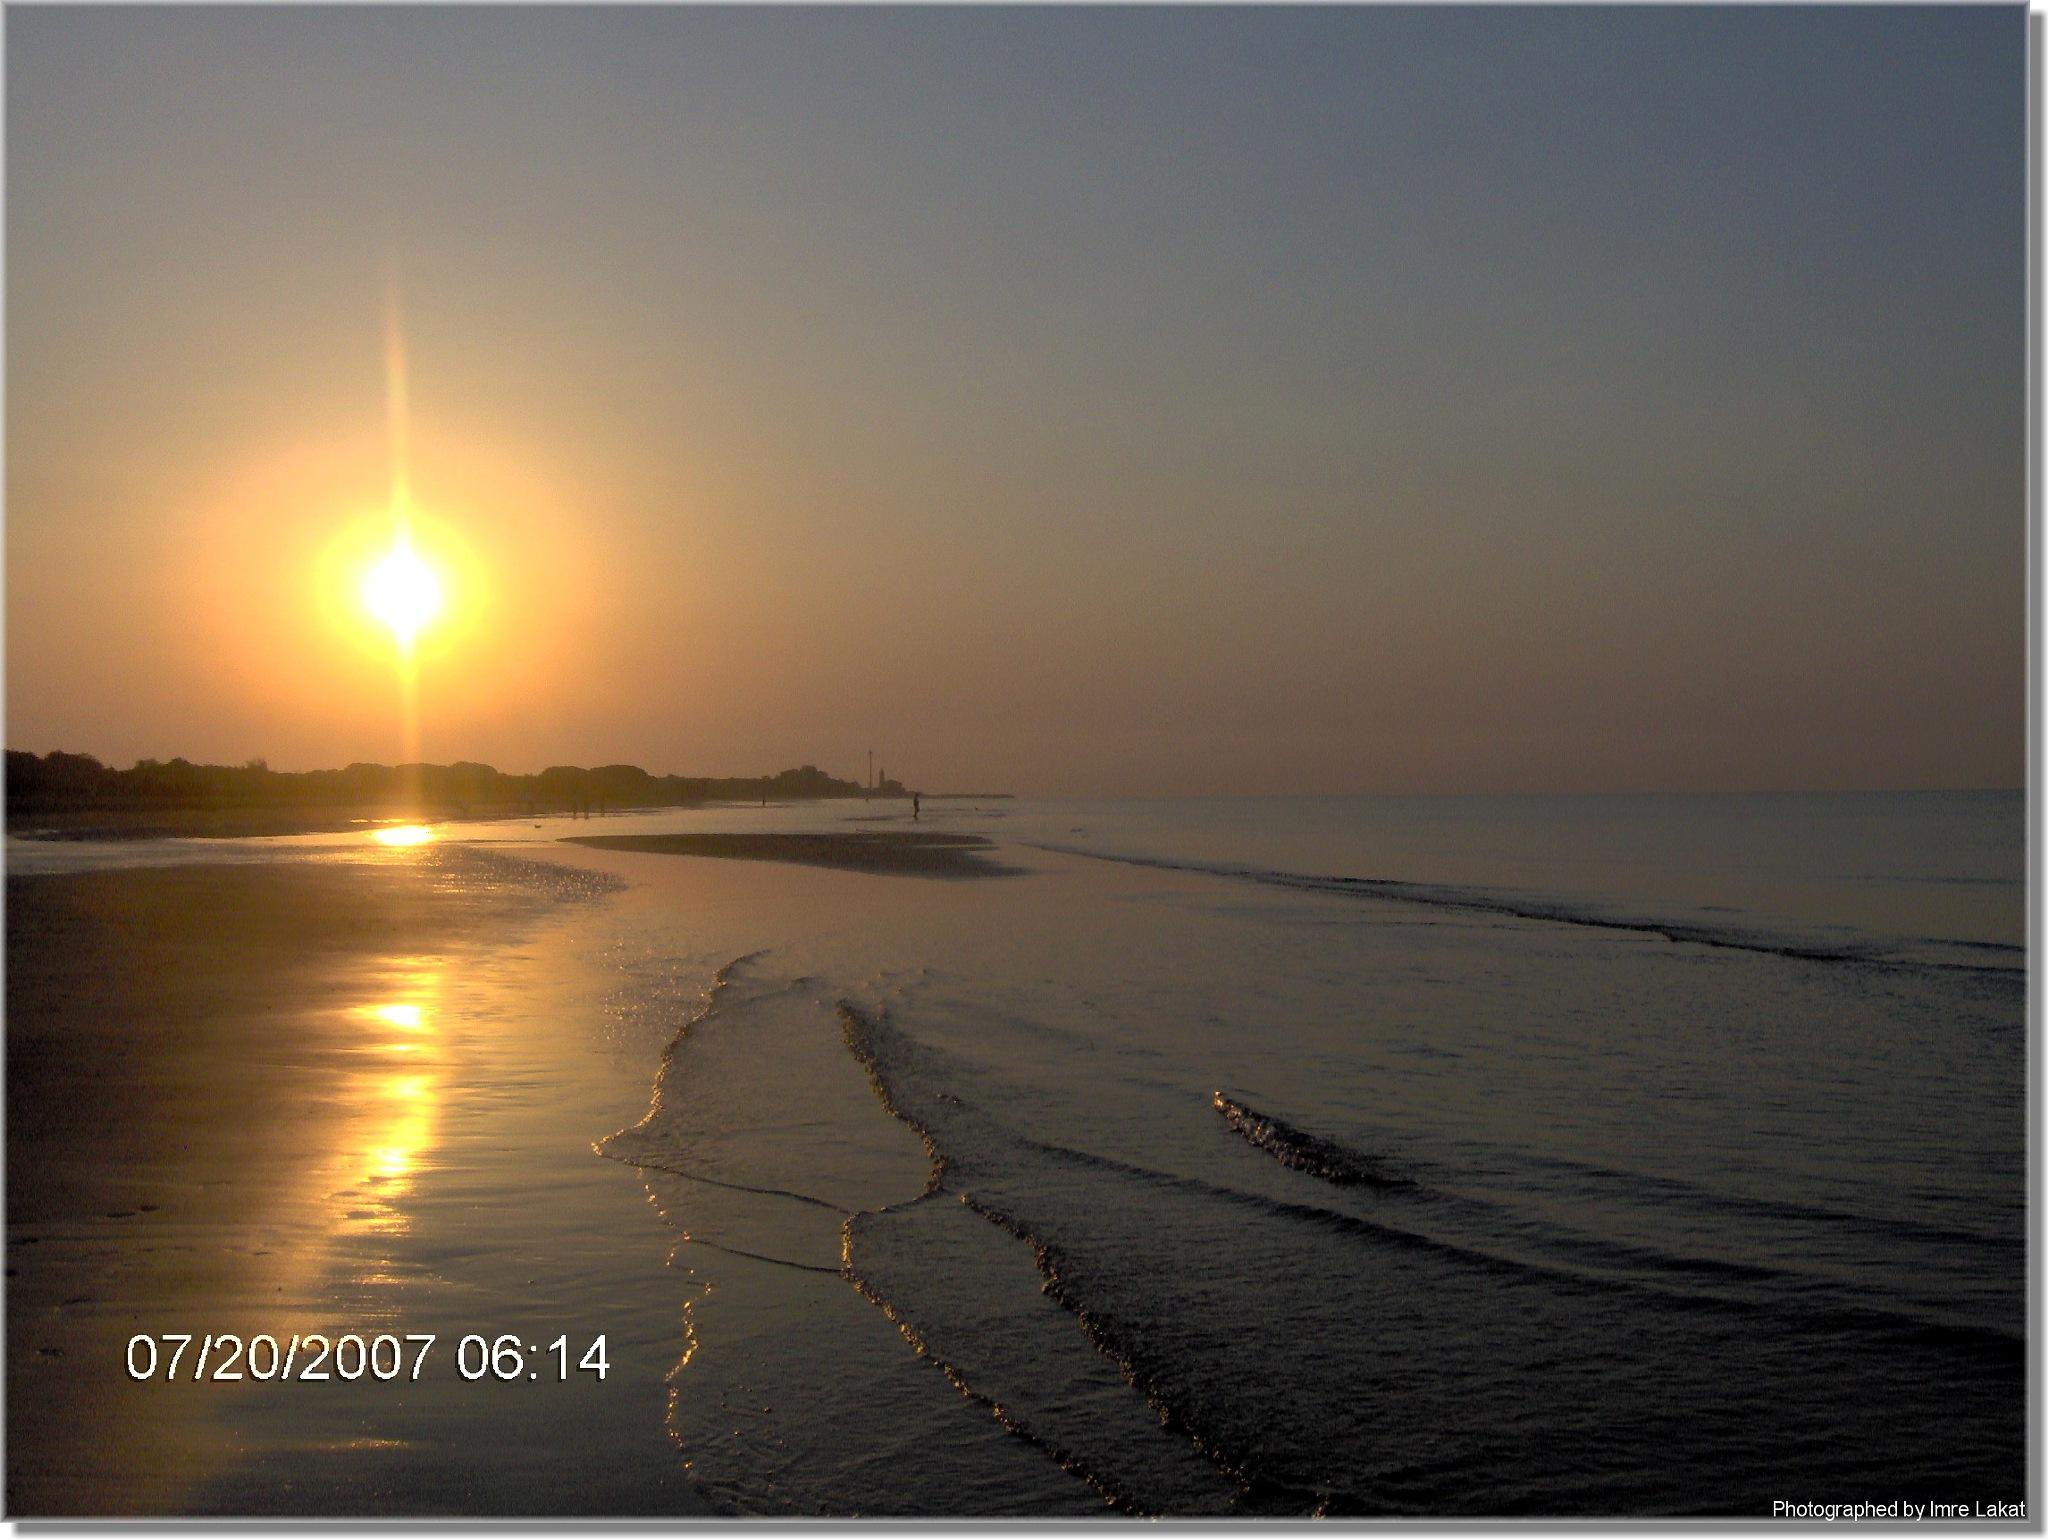 Sunrise ....Levata del sole sul mare .Adriatico, 10, 33054 Lignano Sabbiadoro Province of Udine, by Imre Lakat